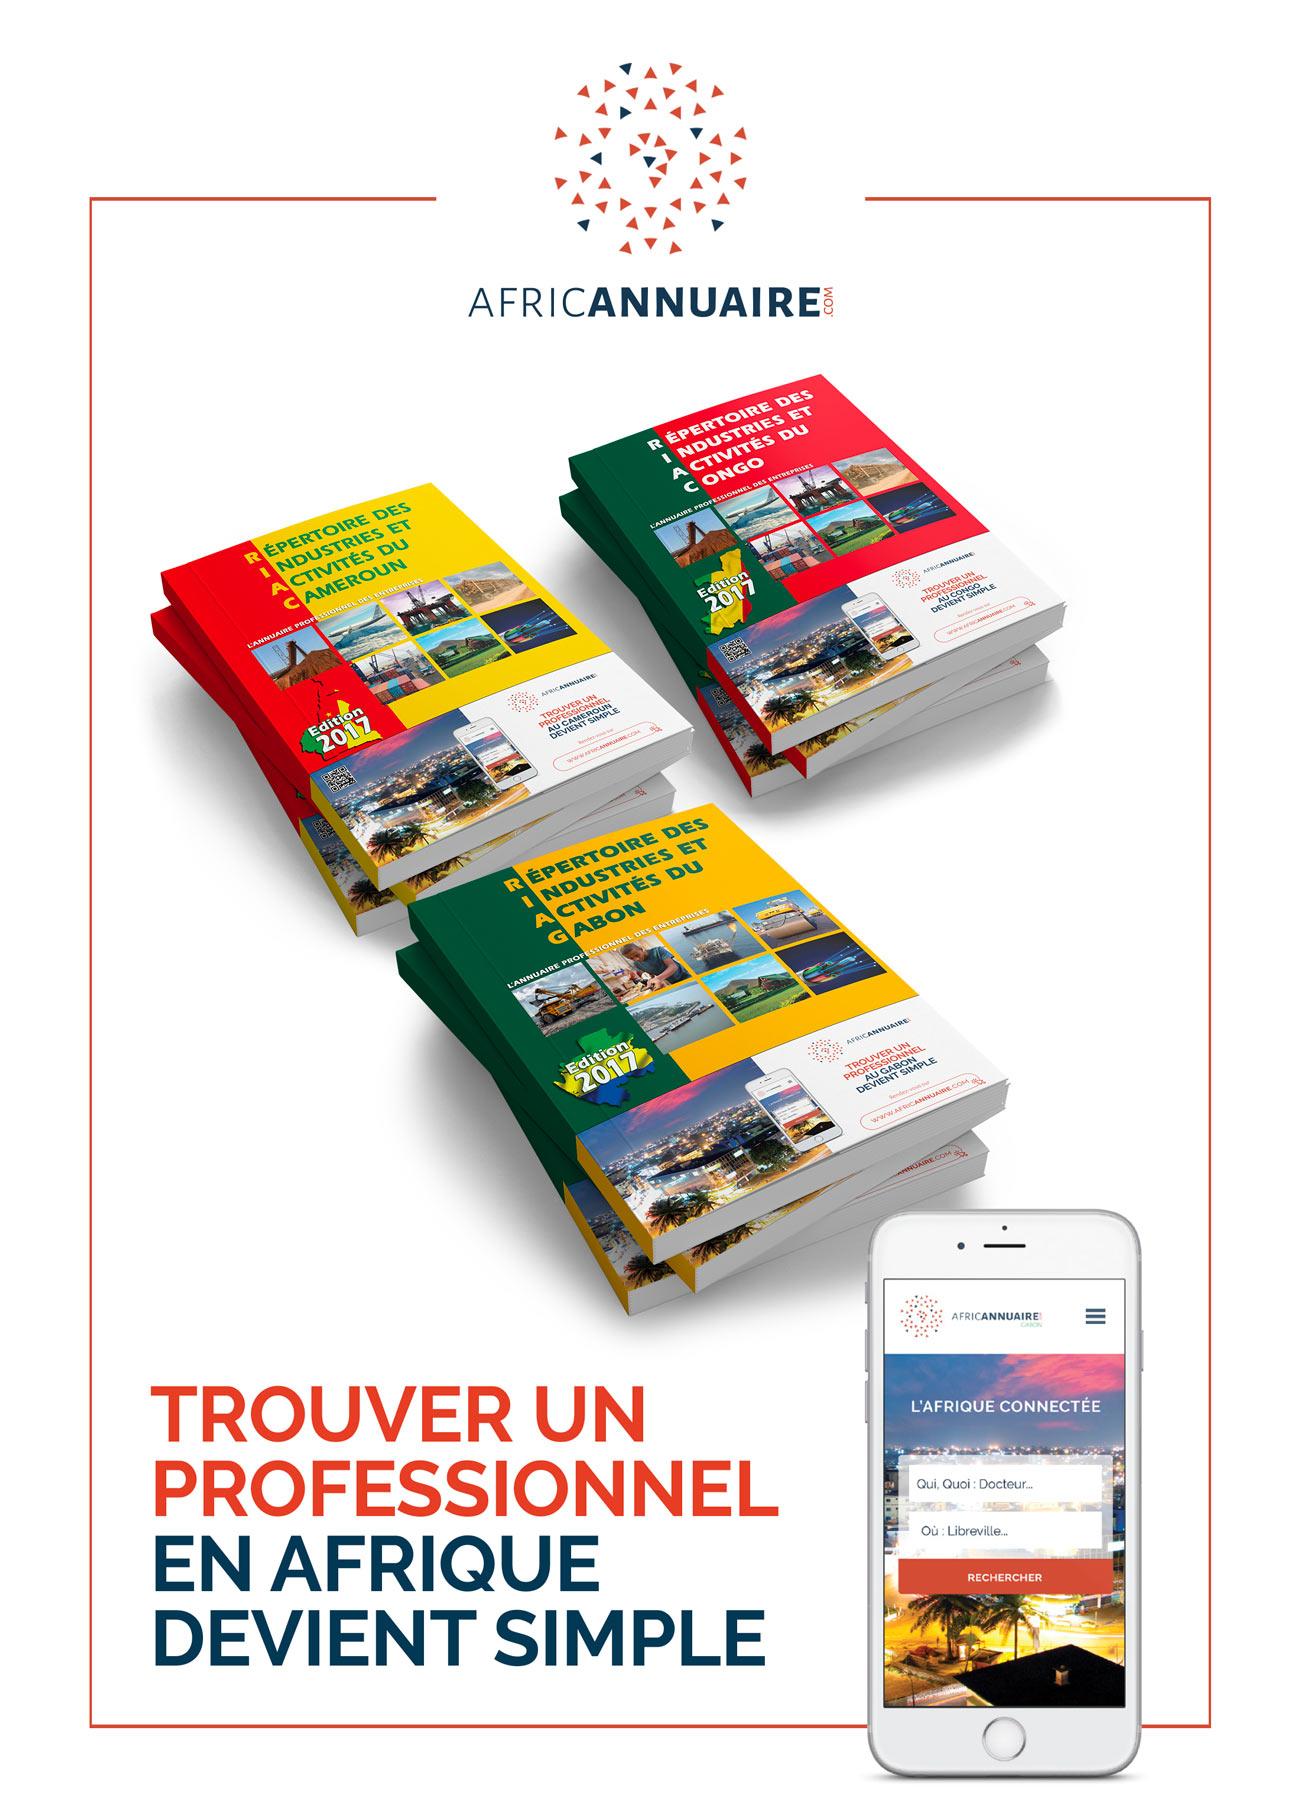 Annuaires d'afrique annuaire, du Congo, du Gabon et du Cameroun